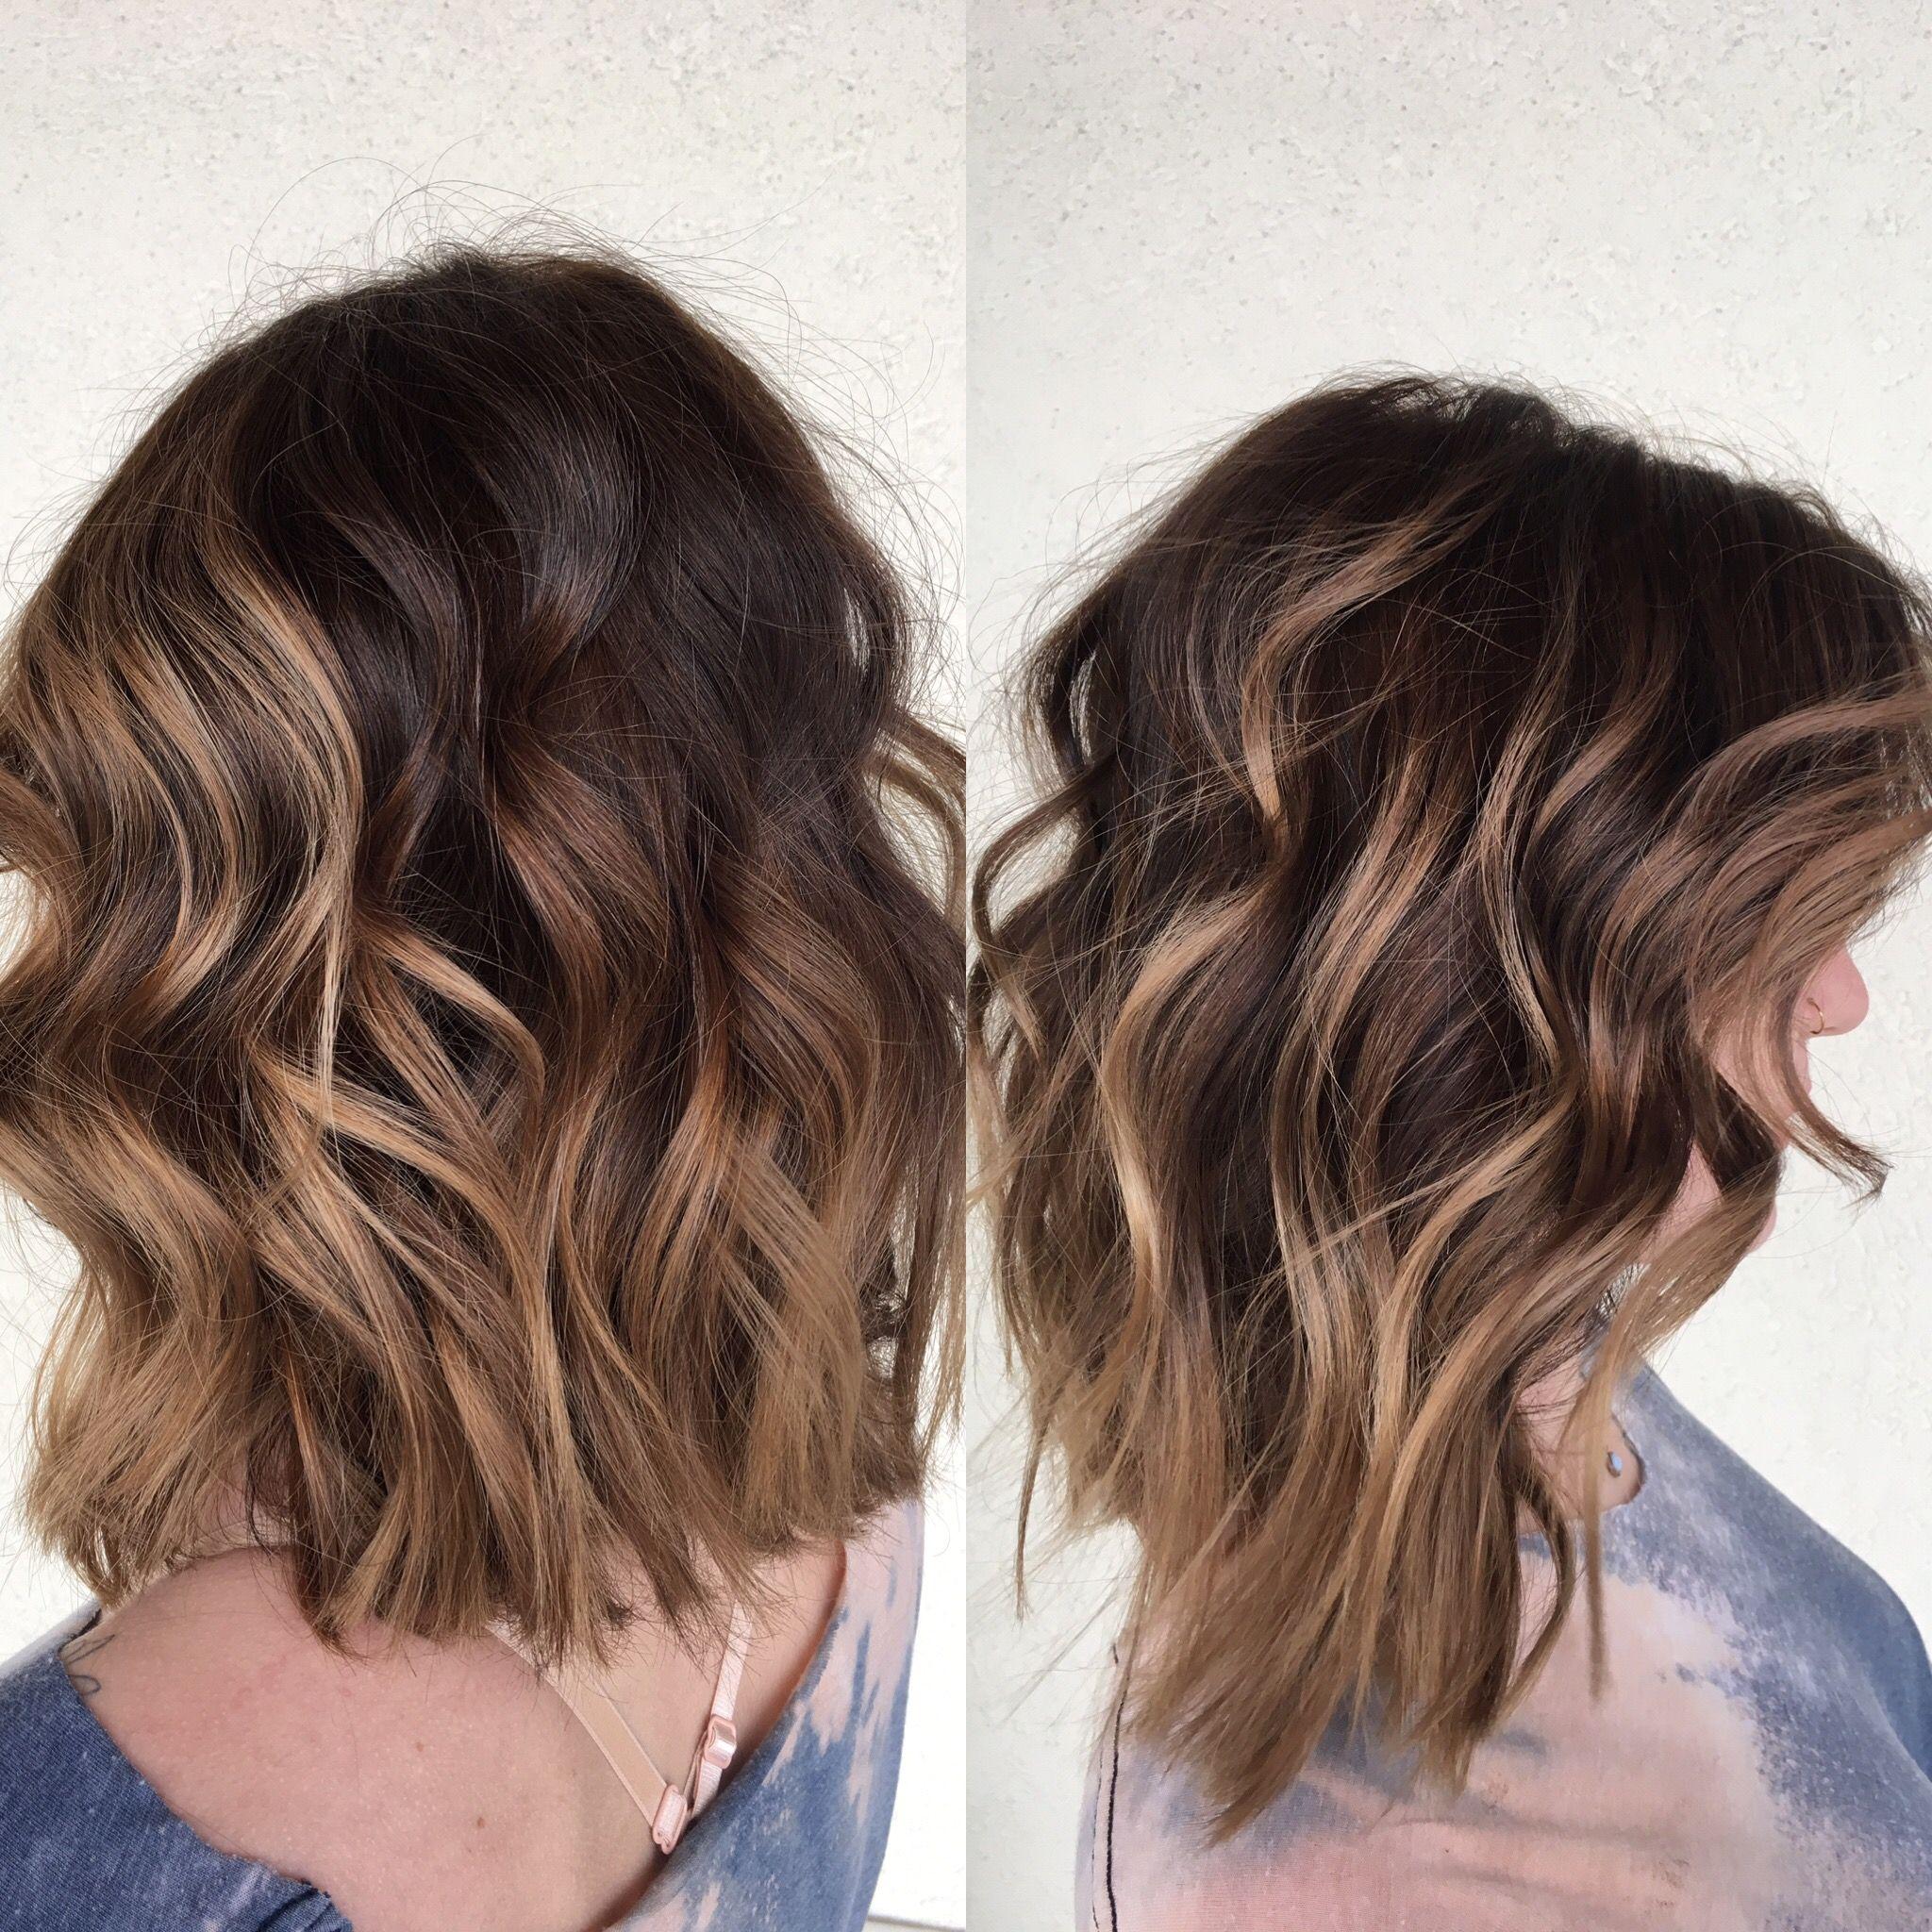 Fashion week Shadows hair for woman